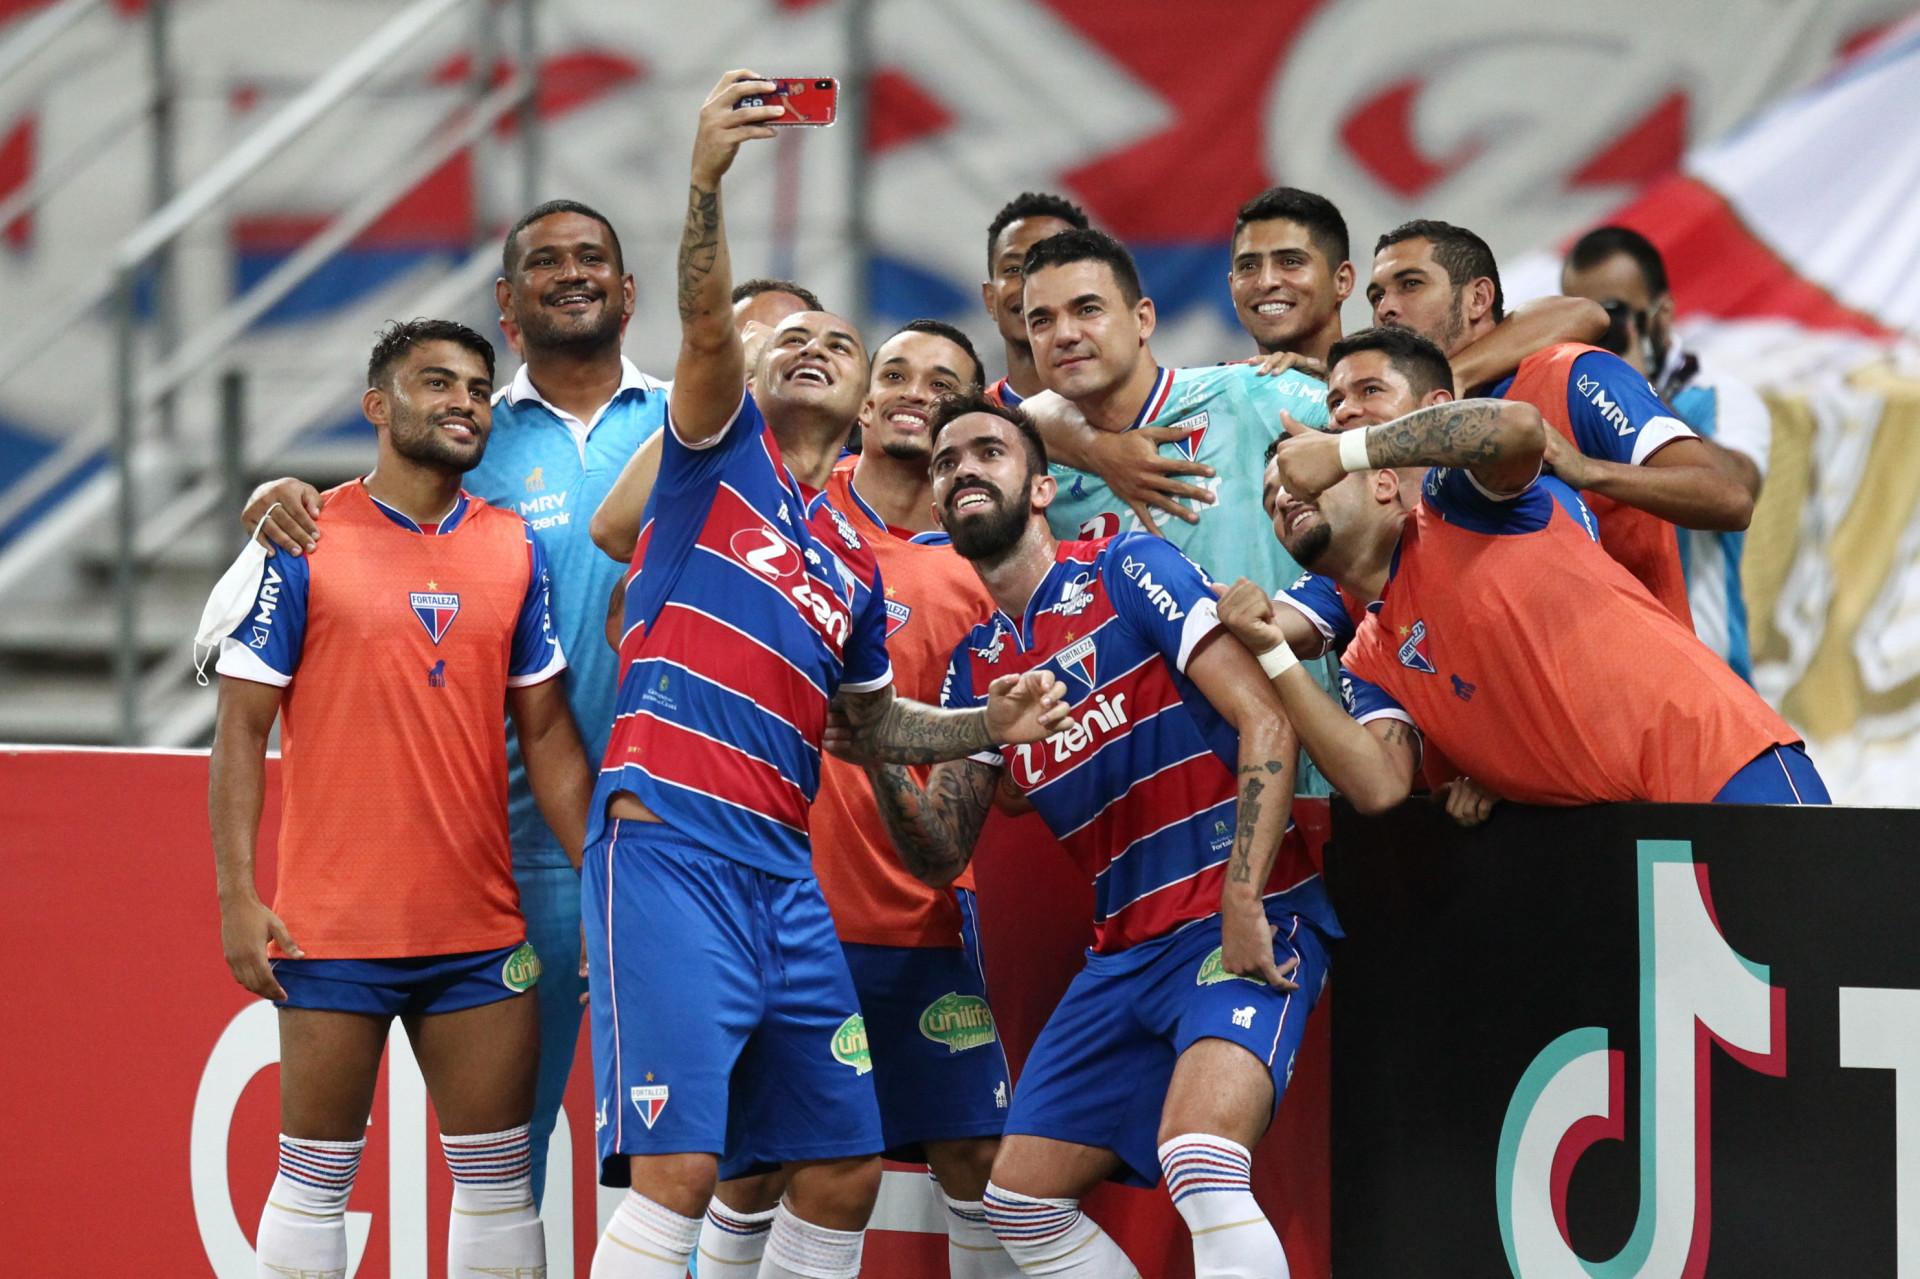 Após bater o Palmeiras no Allianz, o Fortaleza se tornou o melhor mandante da Série A (Foto: FABIO LIMA/O POVO)